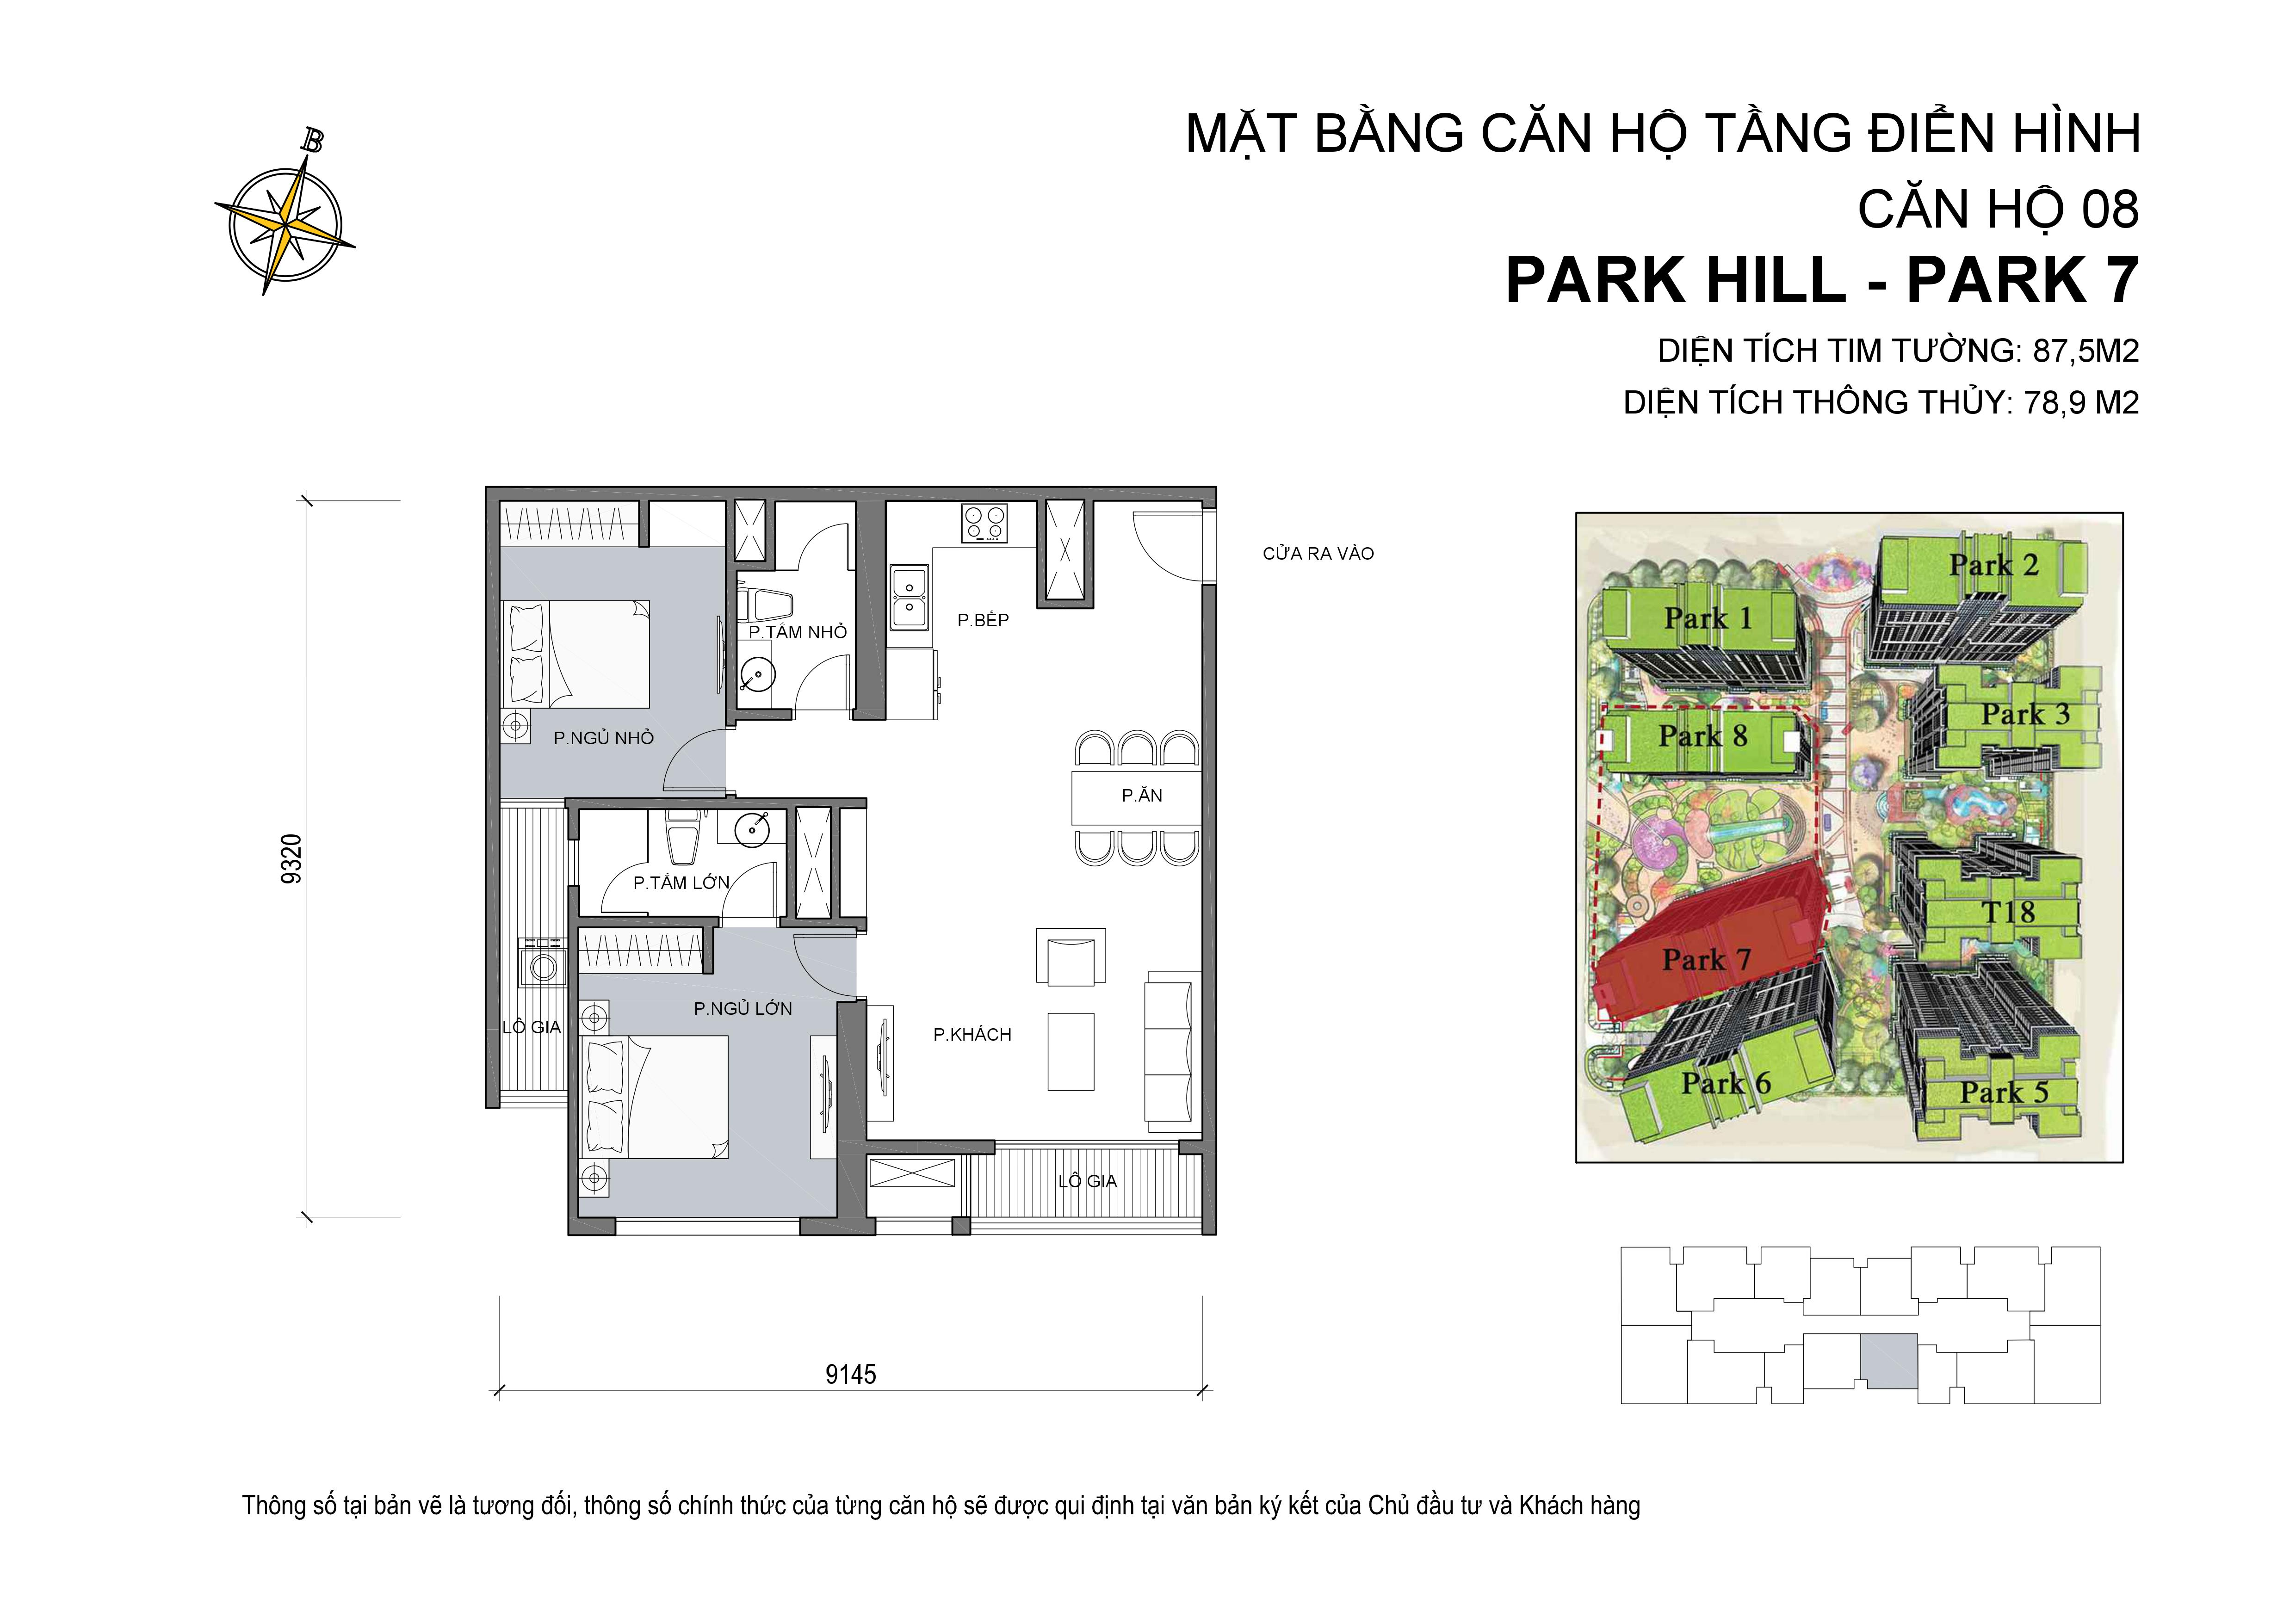 căn hộ Park hill 2PN số 08 diện tích 87 m2